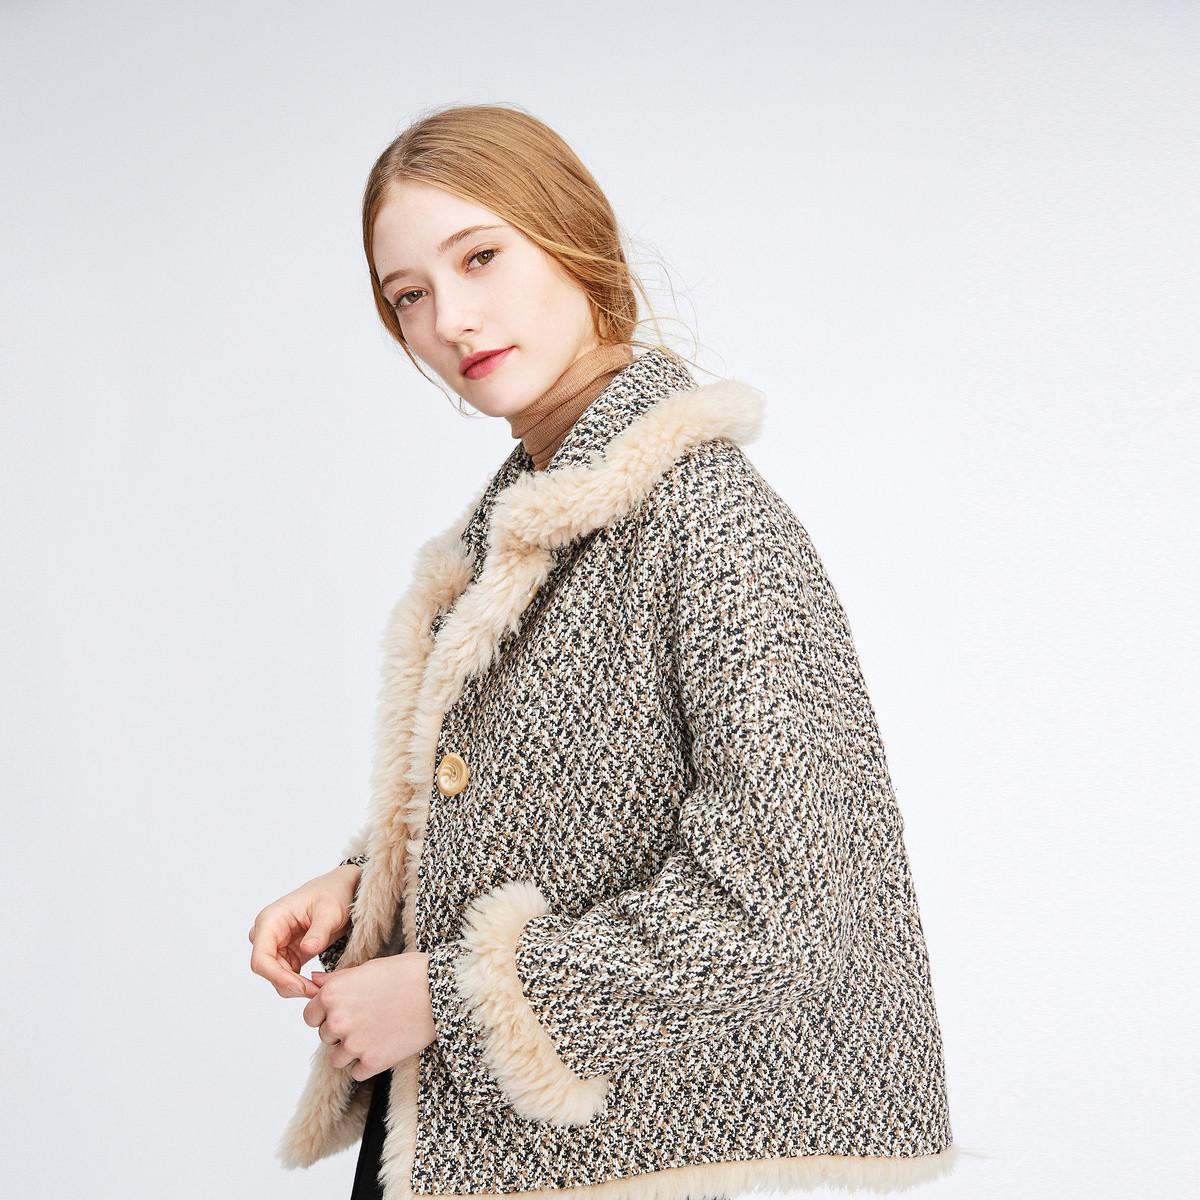 诗篇影儿诗篇2019年冬季新品时尚拼色短外套6C5951077004